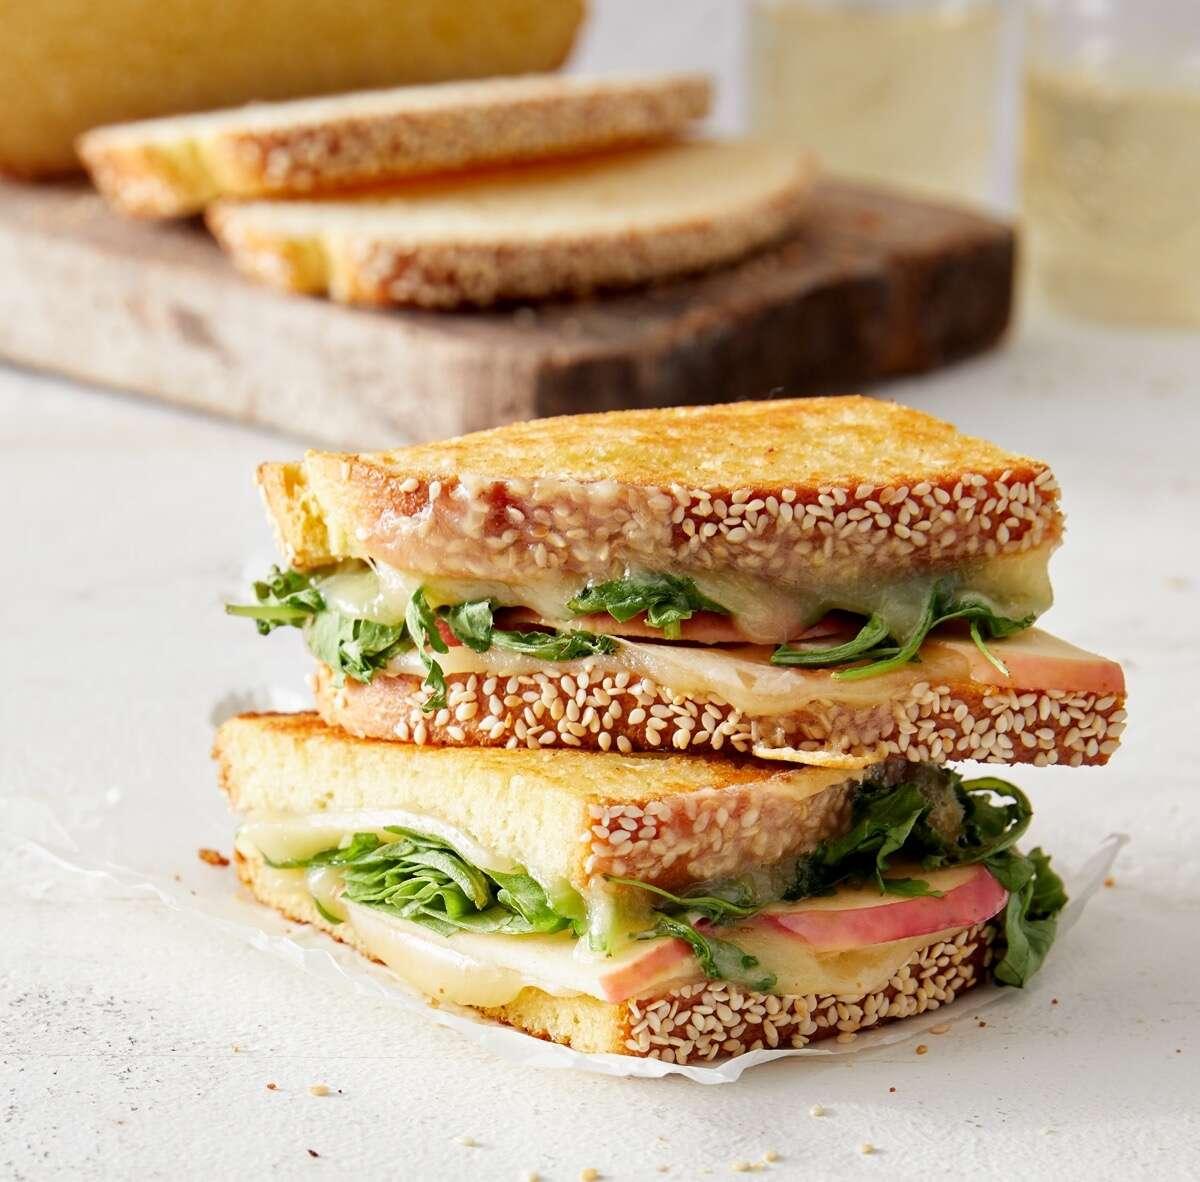 Grilled apple, cheddar, and arugula sandwich on Semolina Sandwich Bread